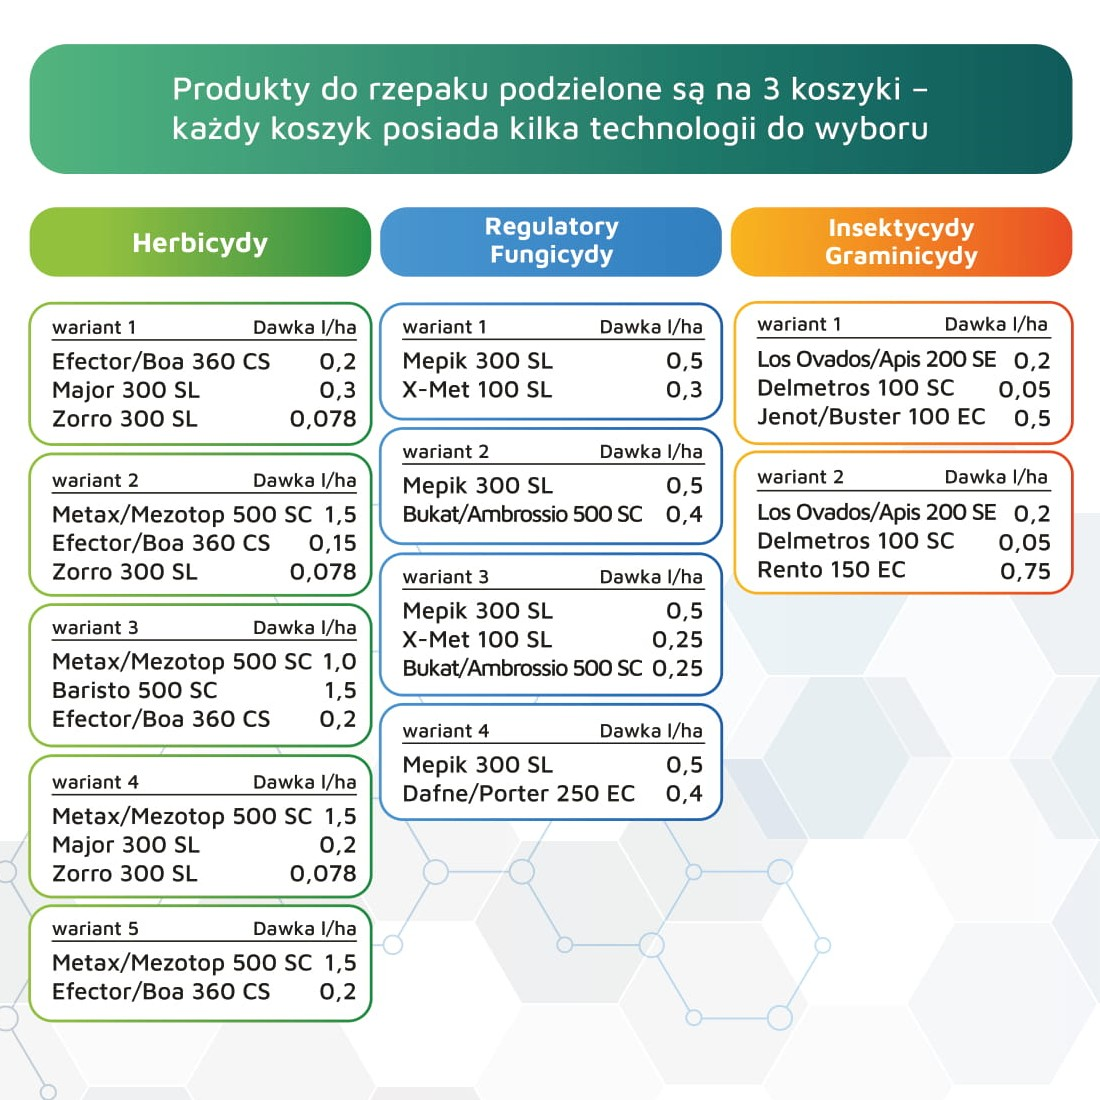 Produkty do upraw rzepaku w promocji